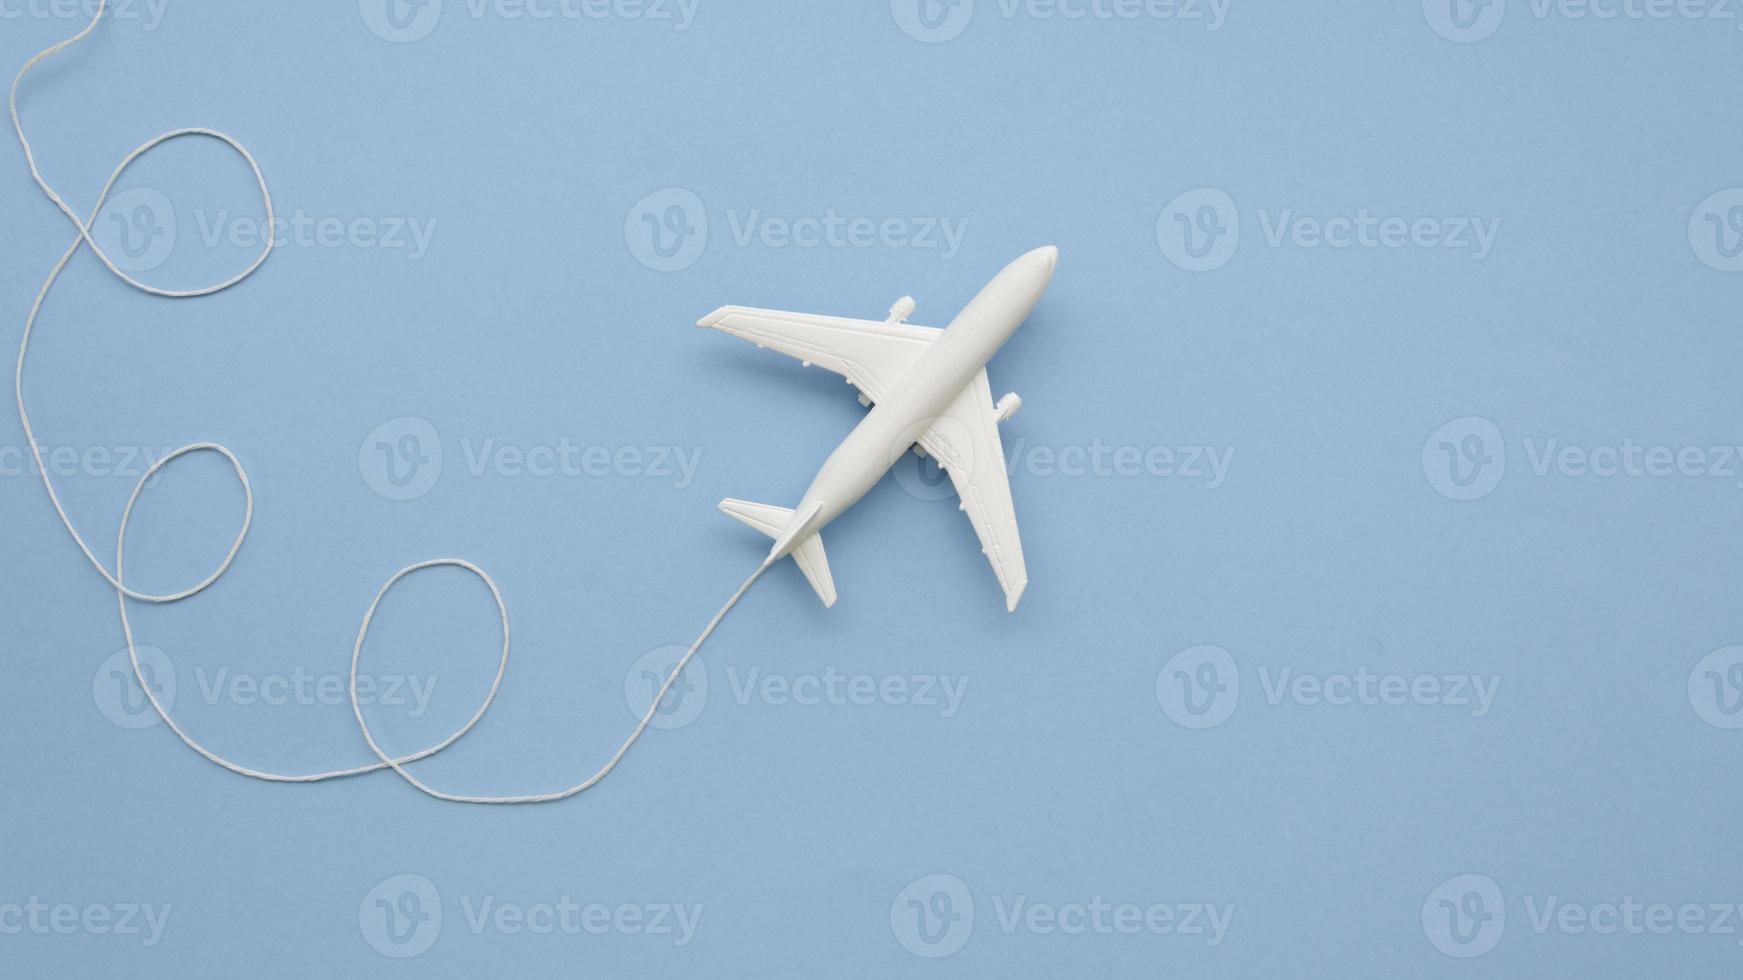 kopiera rymdflygplanleksak på blått bord foto